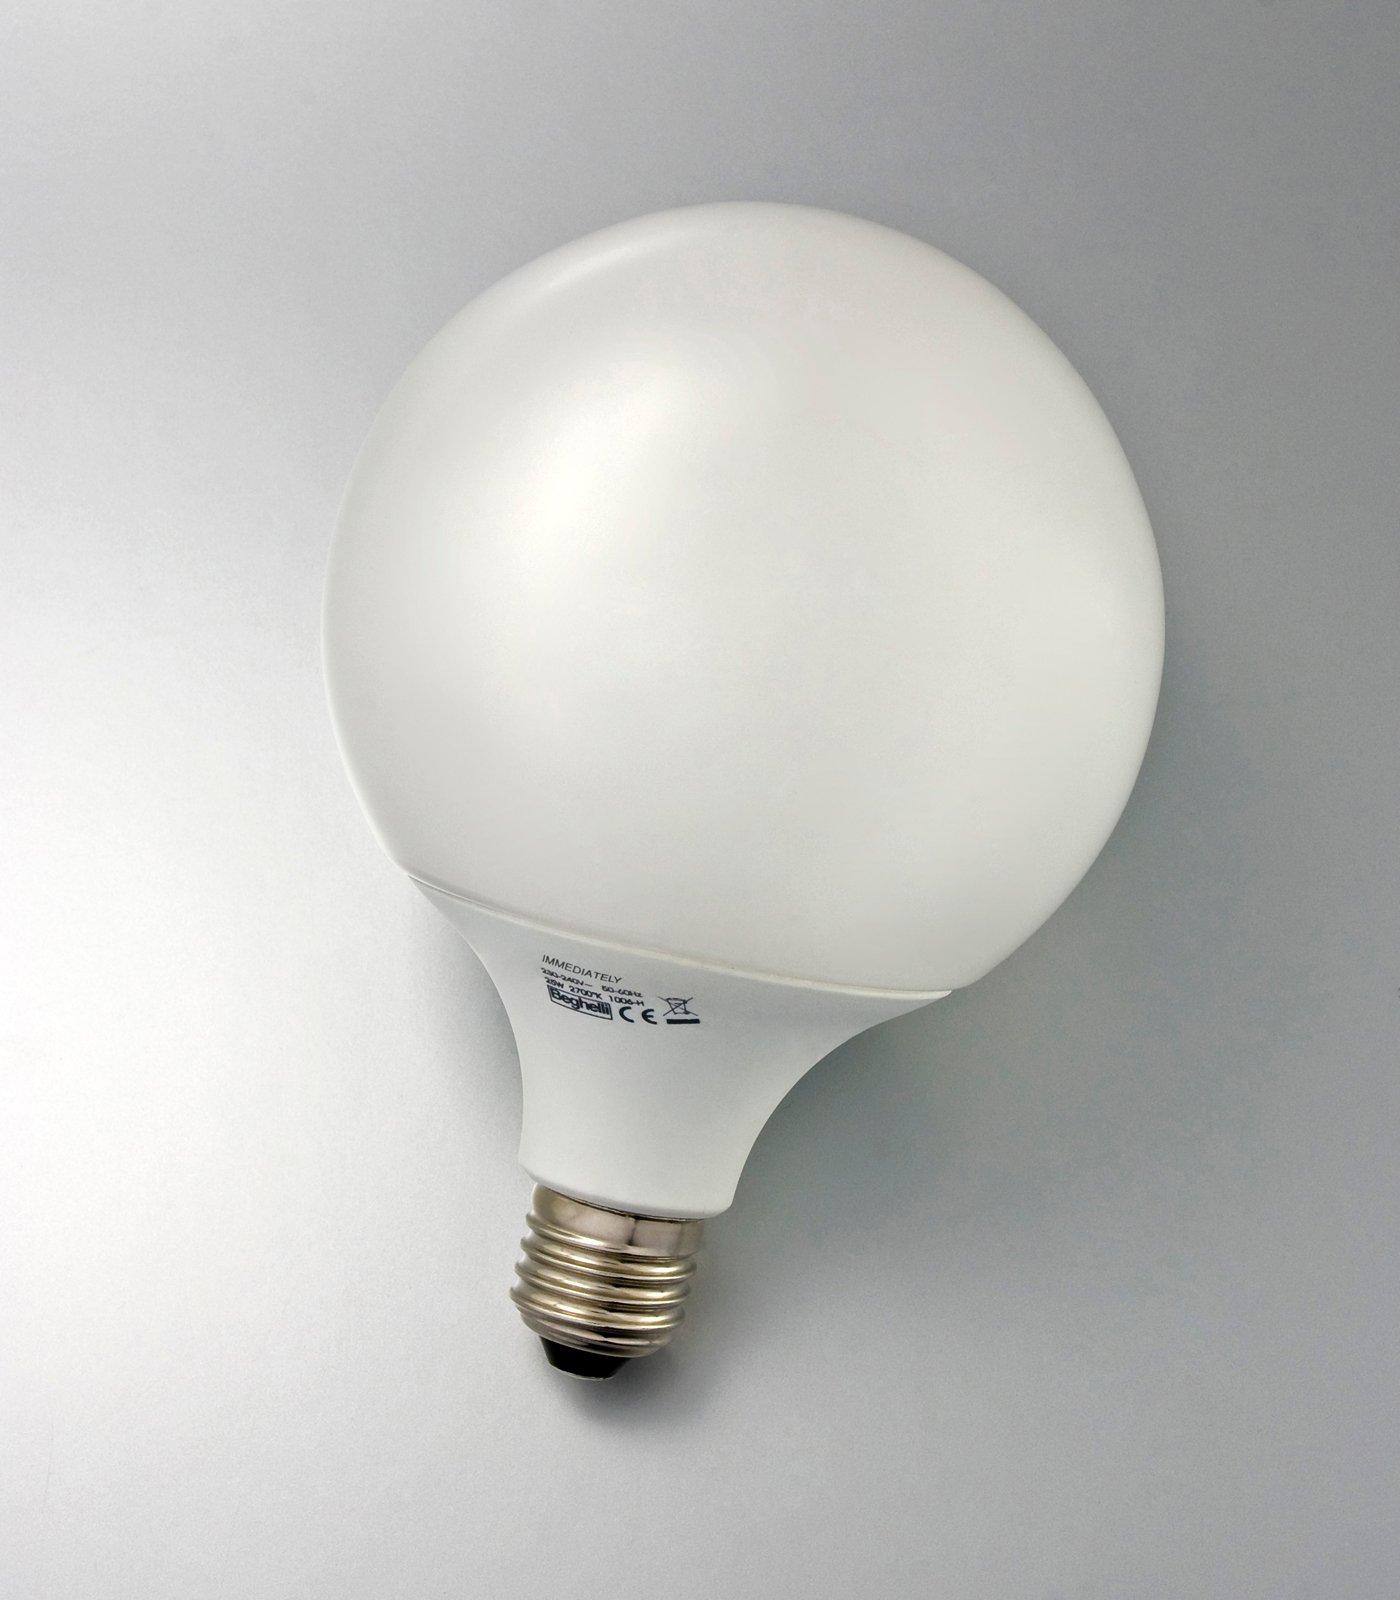 Lampadine come trovare quella che serve cose di casa - Lampade a led per casa prezzi ...